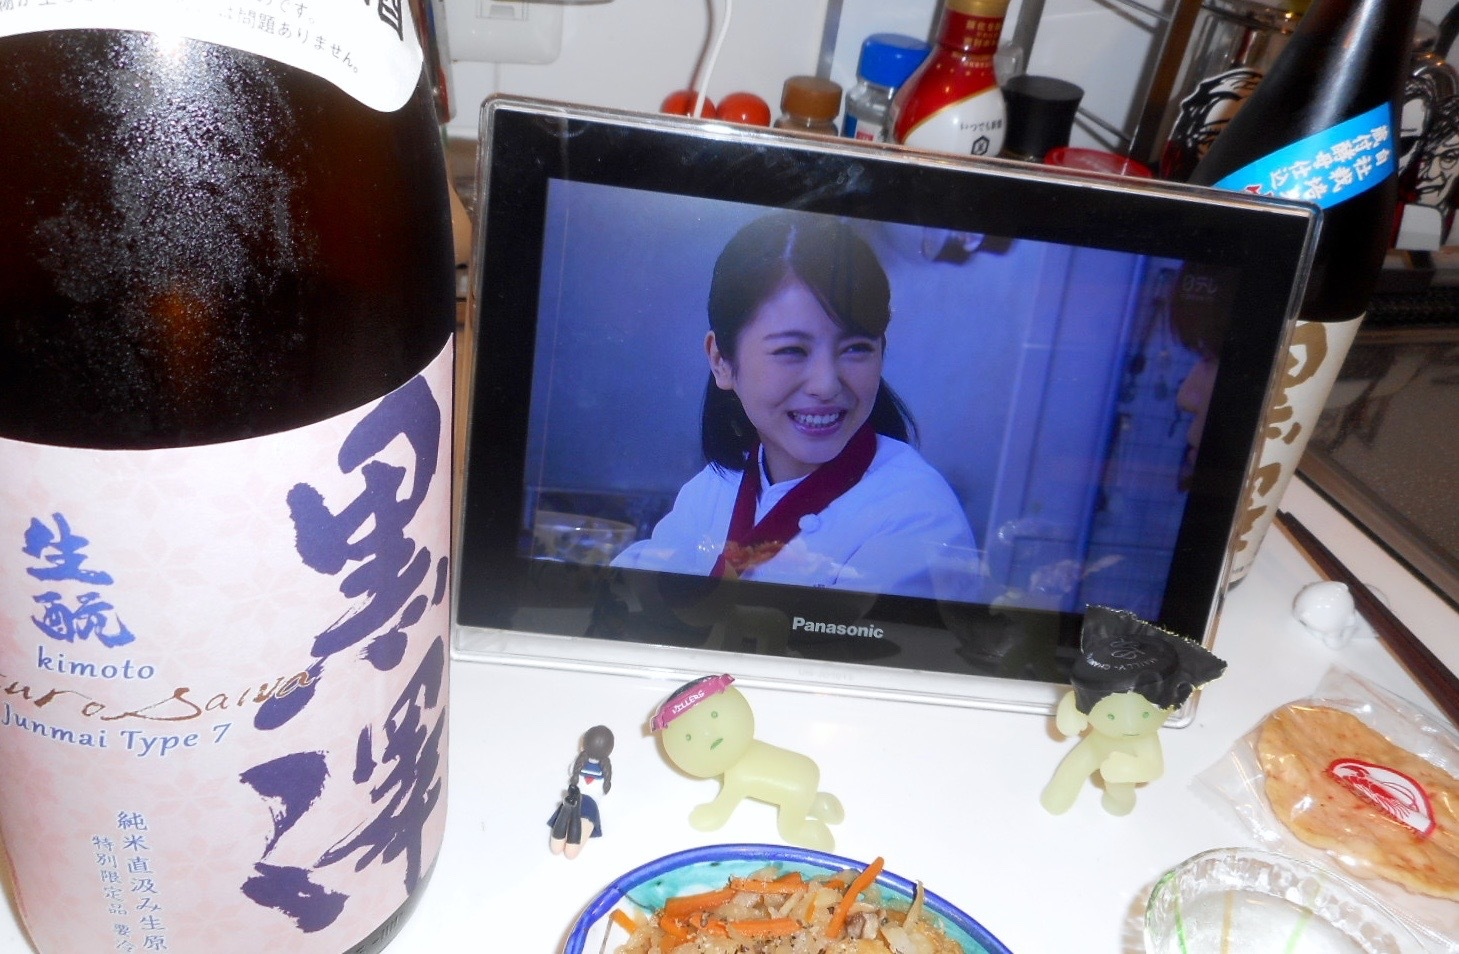 kurosawa_type7_29by3_6.jpg